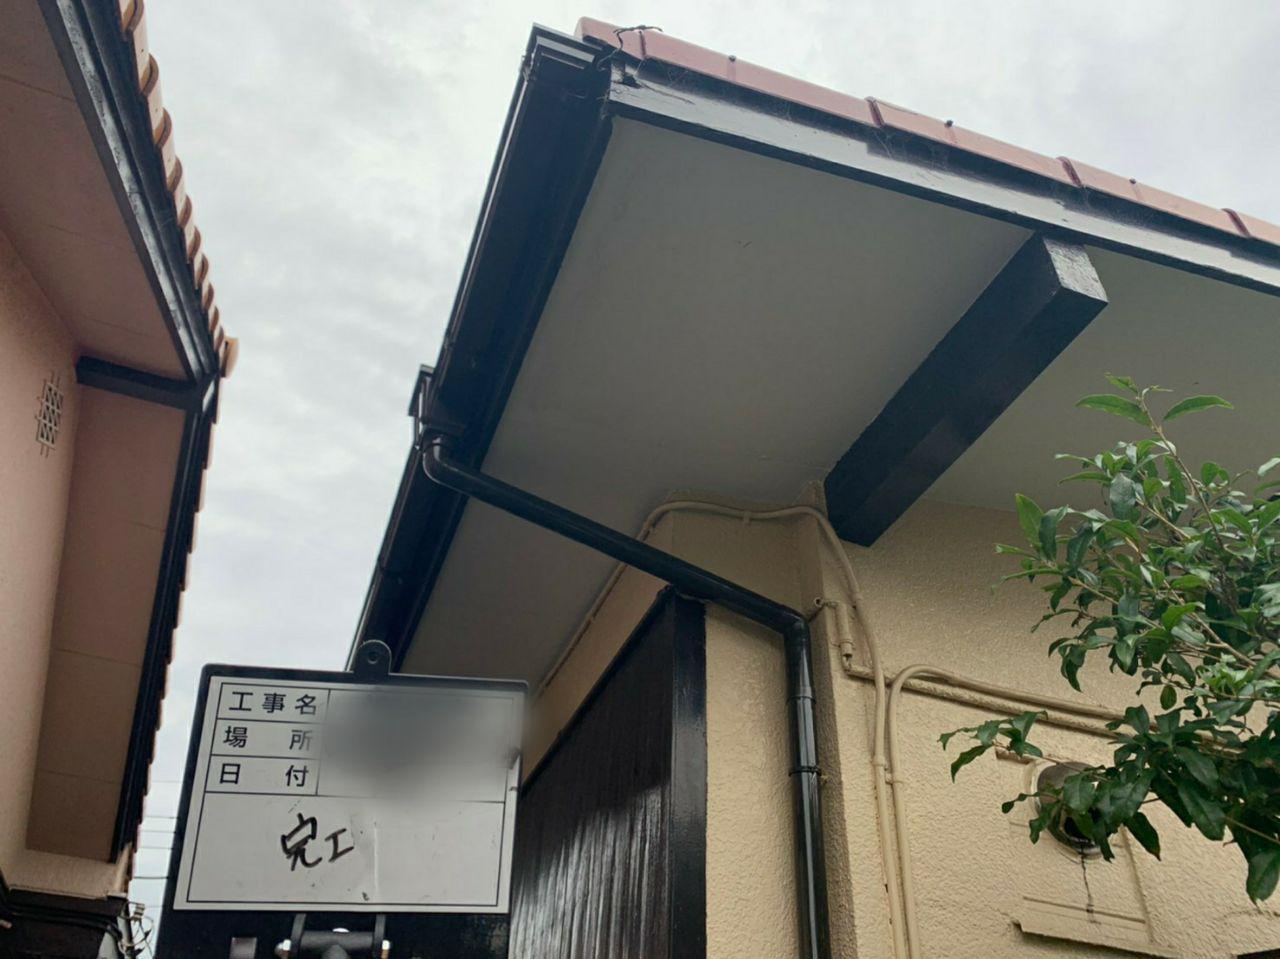 習志野市で火災保険使用の実費負担ゼロ雨樋工事